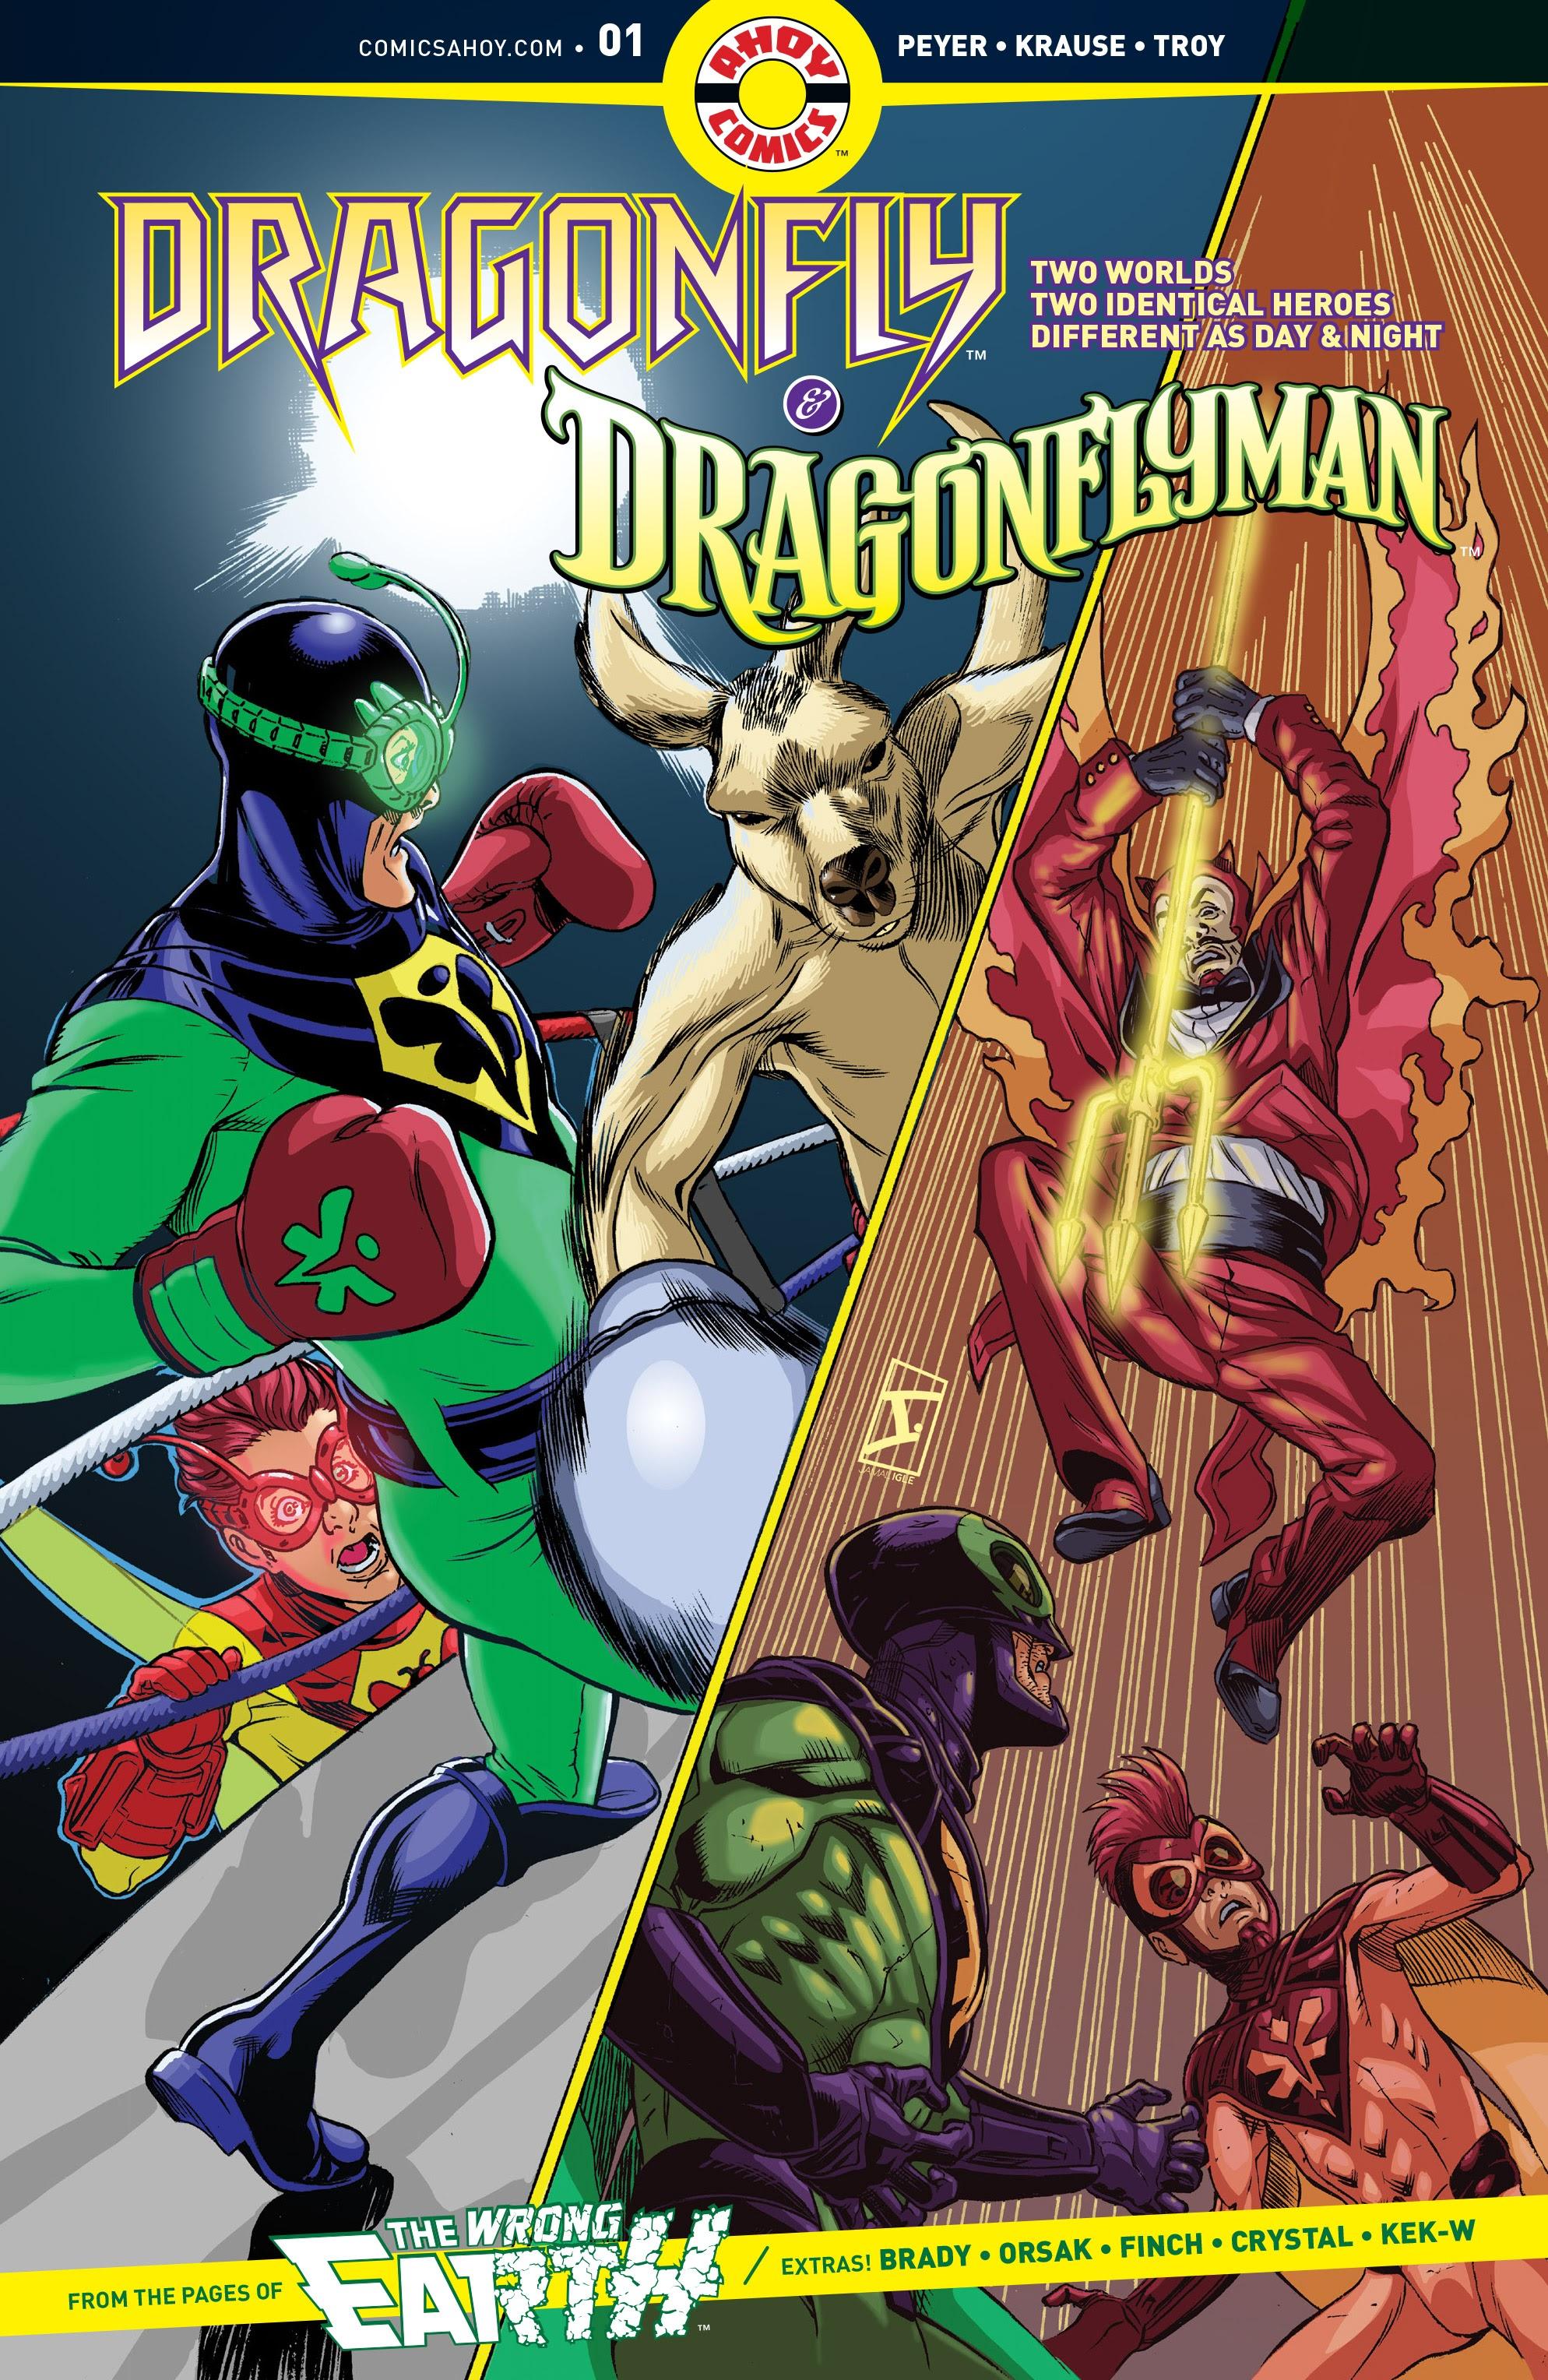 Dragonfly & Dragonflyman 1 Page 1